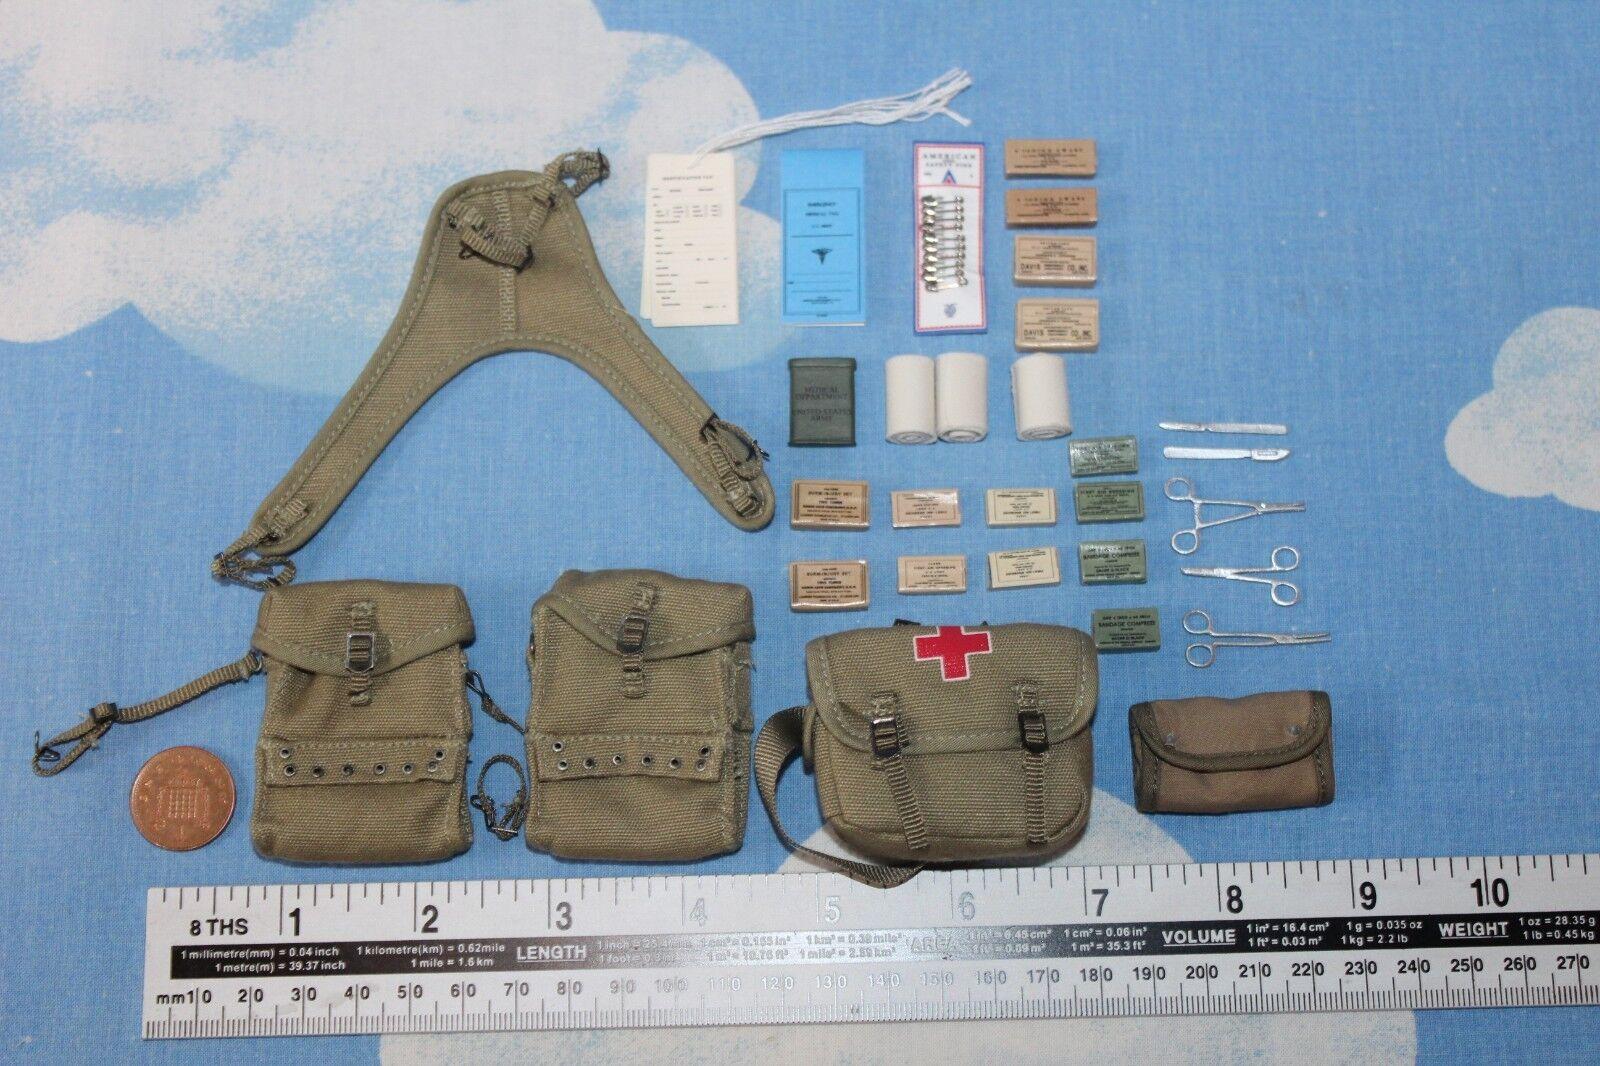 DID 1 6TH SCALE U.S AIRBORNE COMBAT MEDICS EQUIPMENT BAG & EQUIPMENT MEDICS FROM GILBERT ROE 3de458